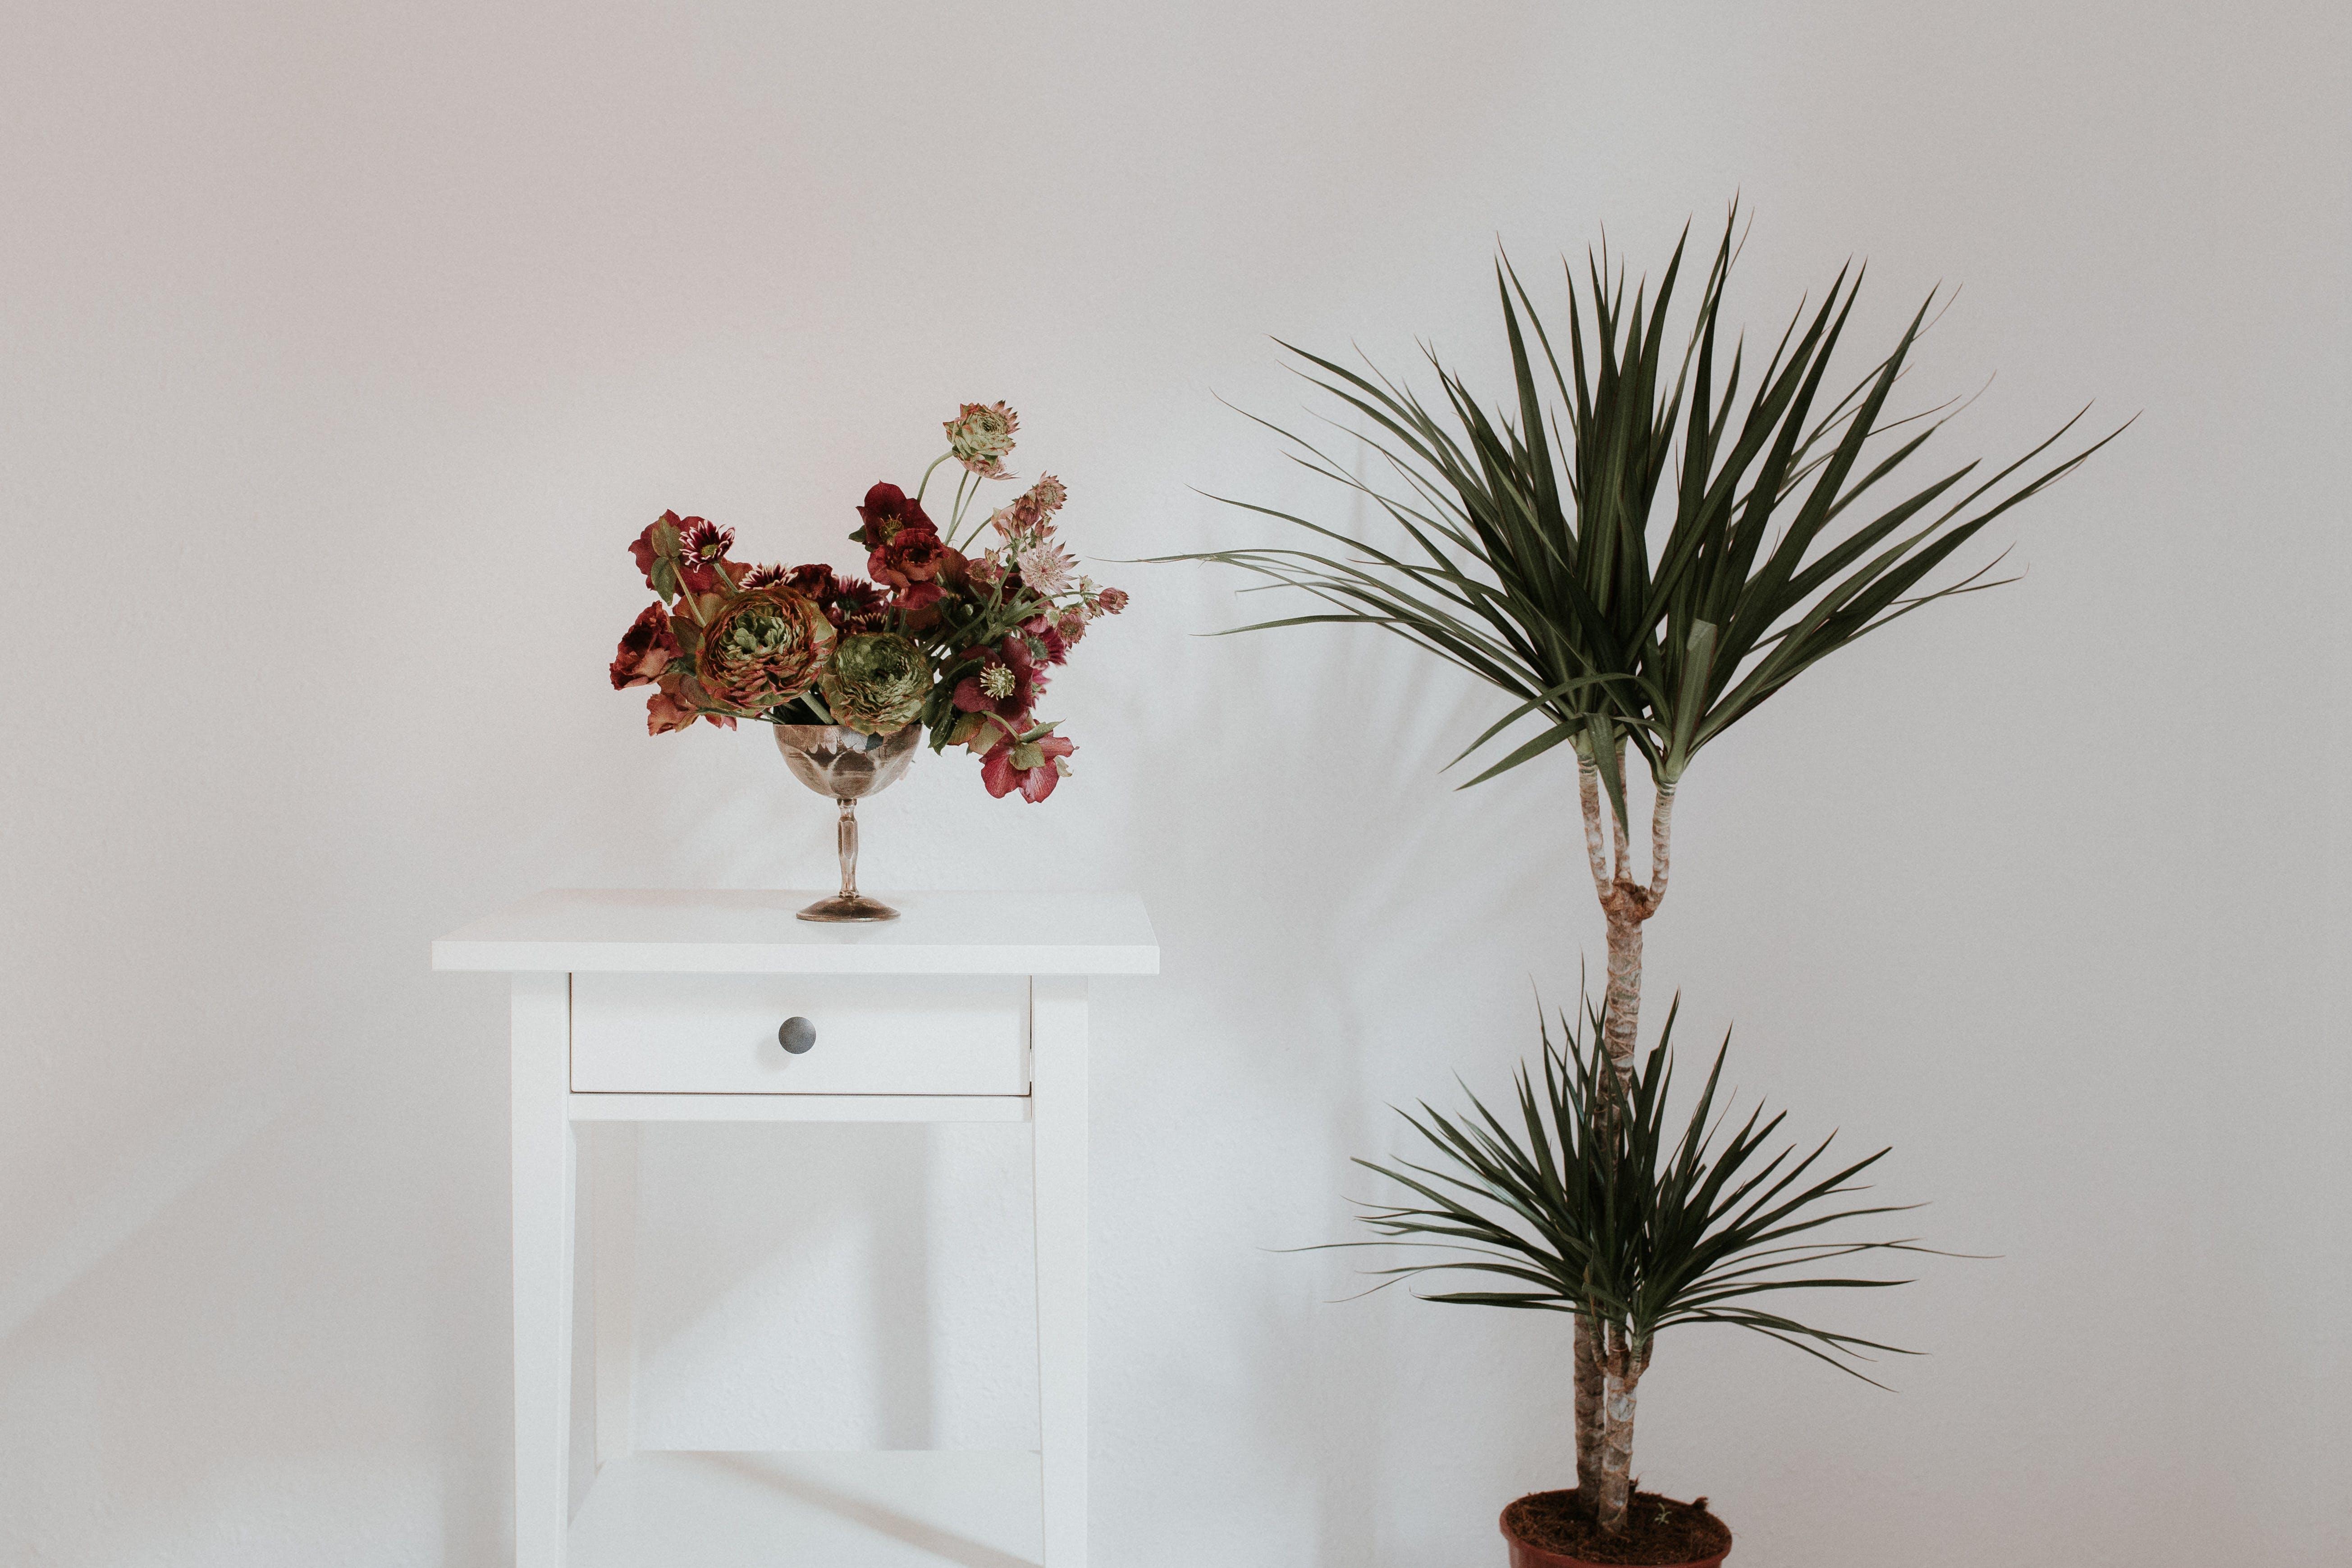 Free stock photo of houseplants, lighthouse, minimal, minimalism